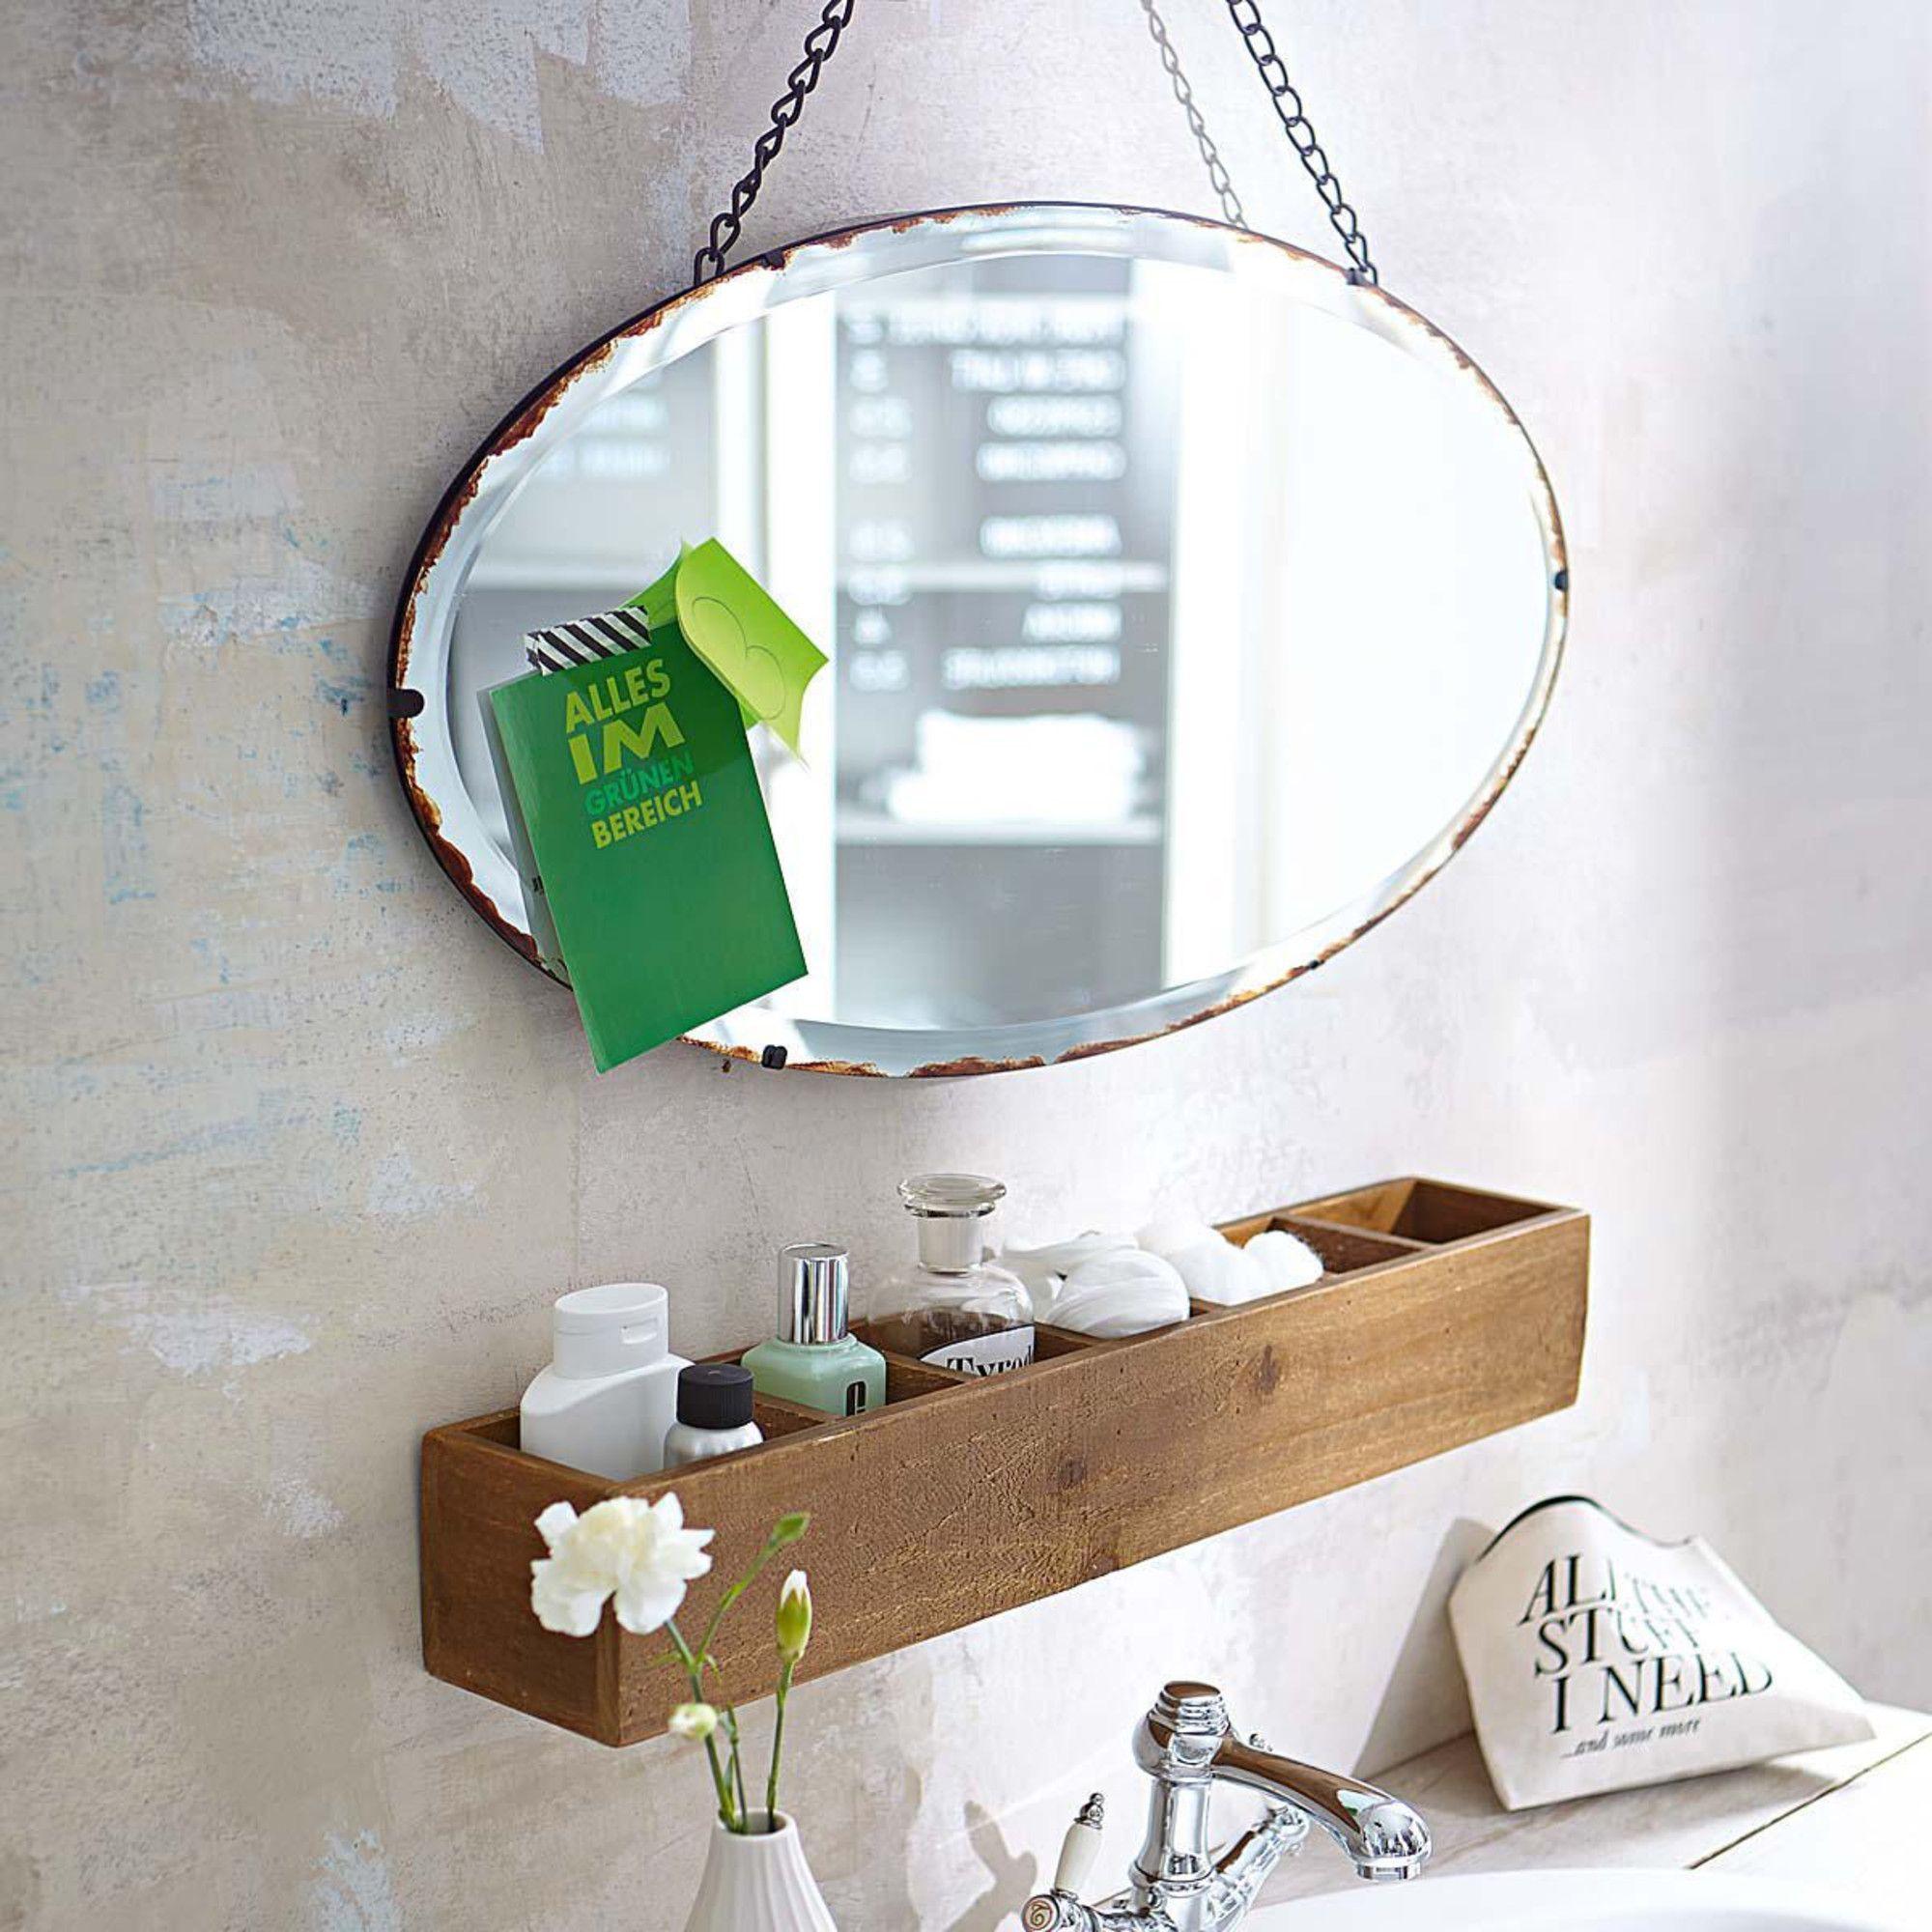 home affaire spiegel mit kettenaufhängung, Hause ideen